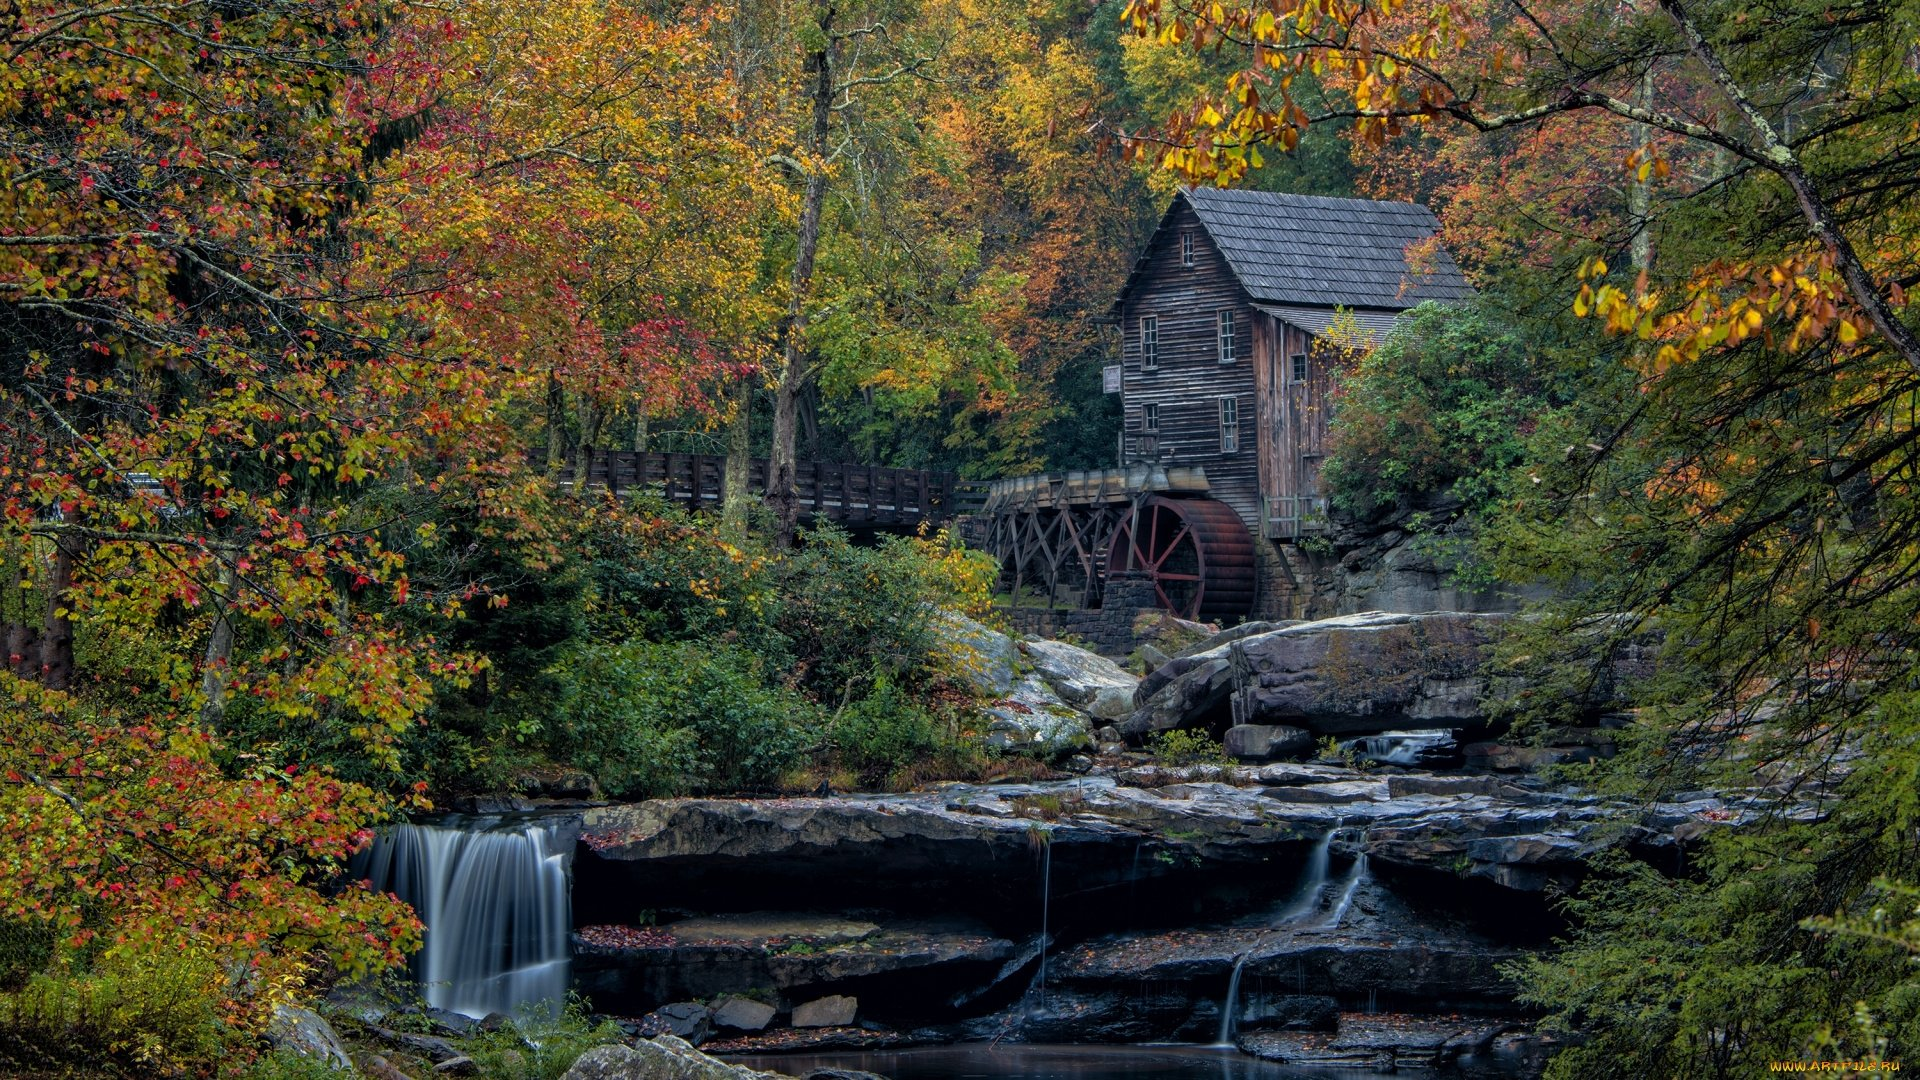 West Virginia Wallpaper Desktop